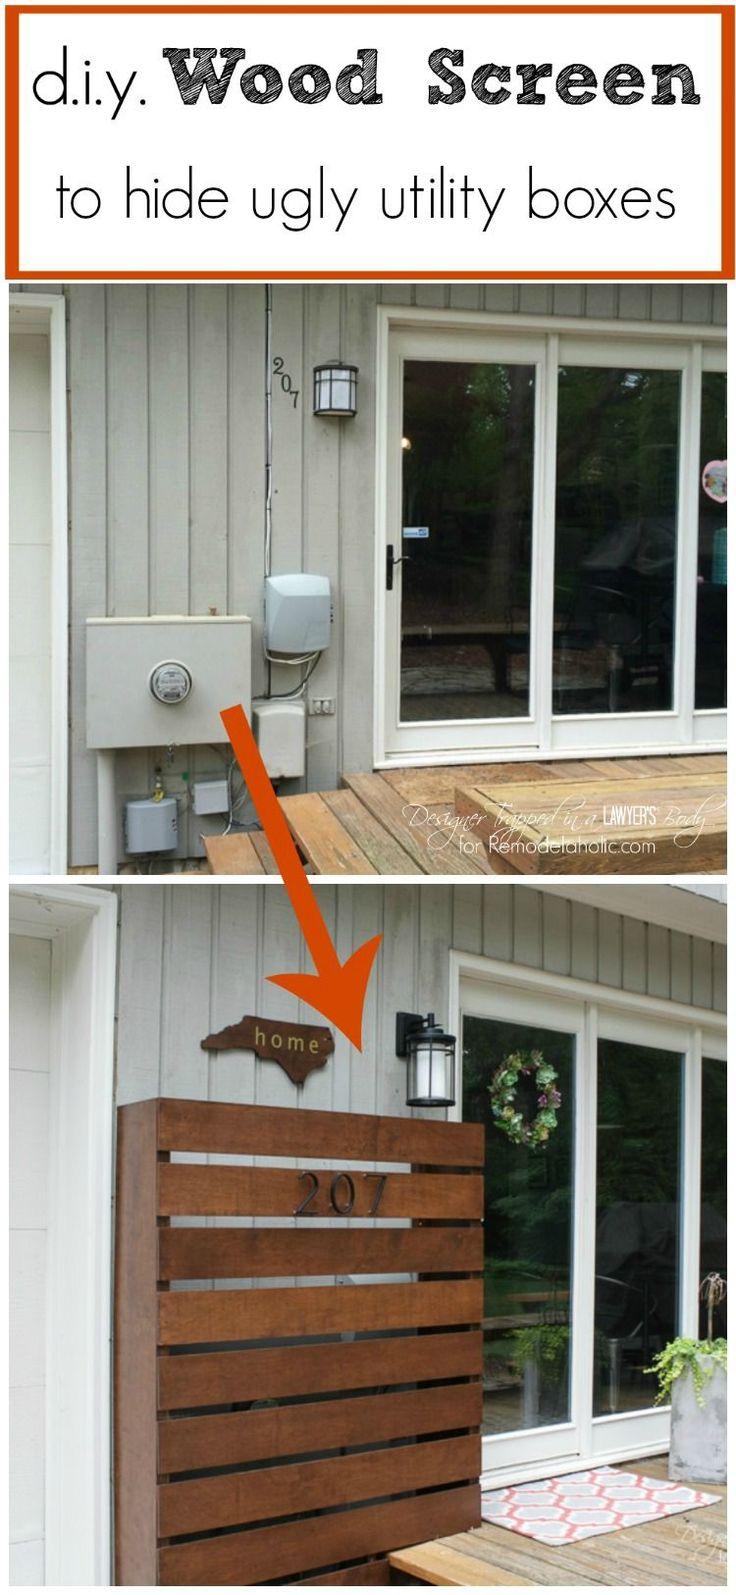 Diy Exterior Dutch Door Best 25 Diy Exterior Ideas On Pinterest Outdoor Shutters